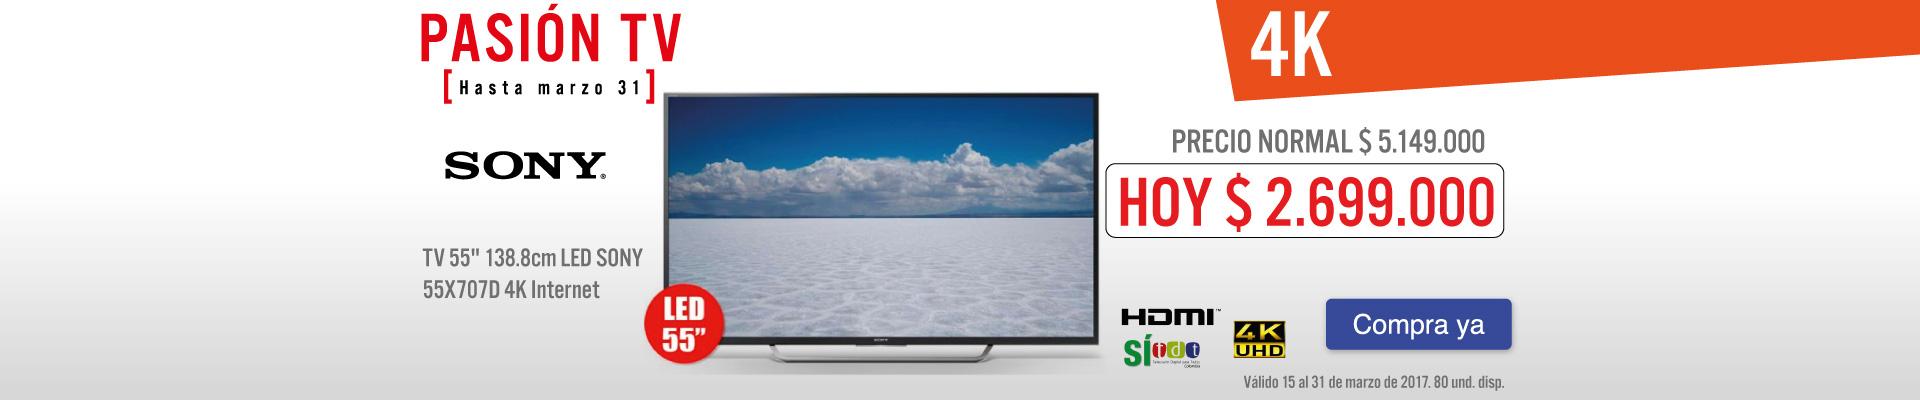 PPAL KT - TV 55X707D - MRZ 22